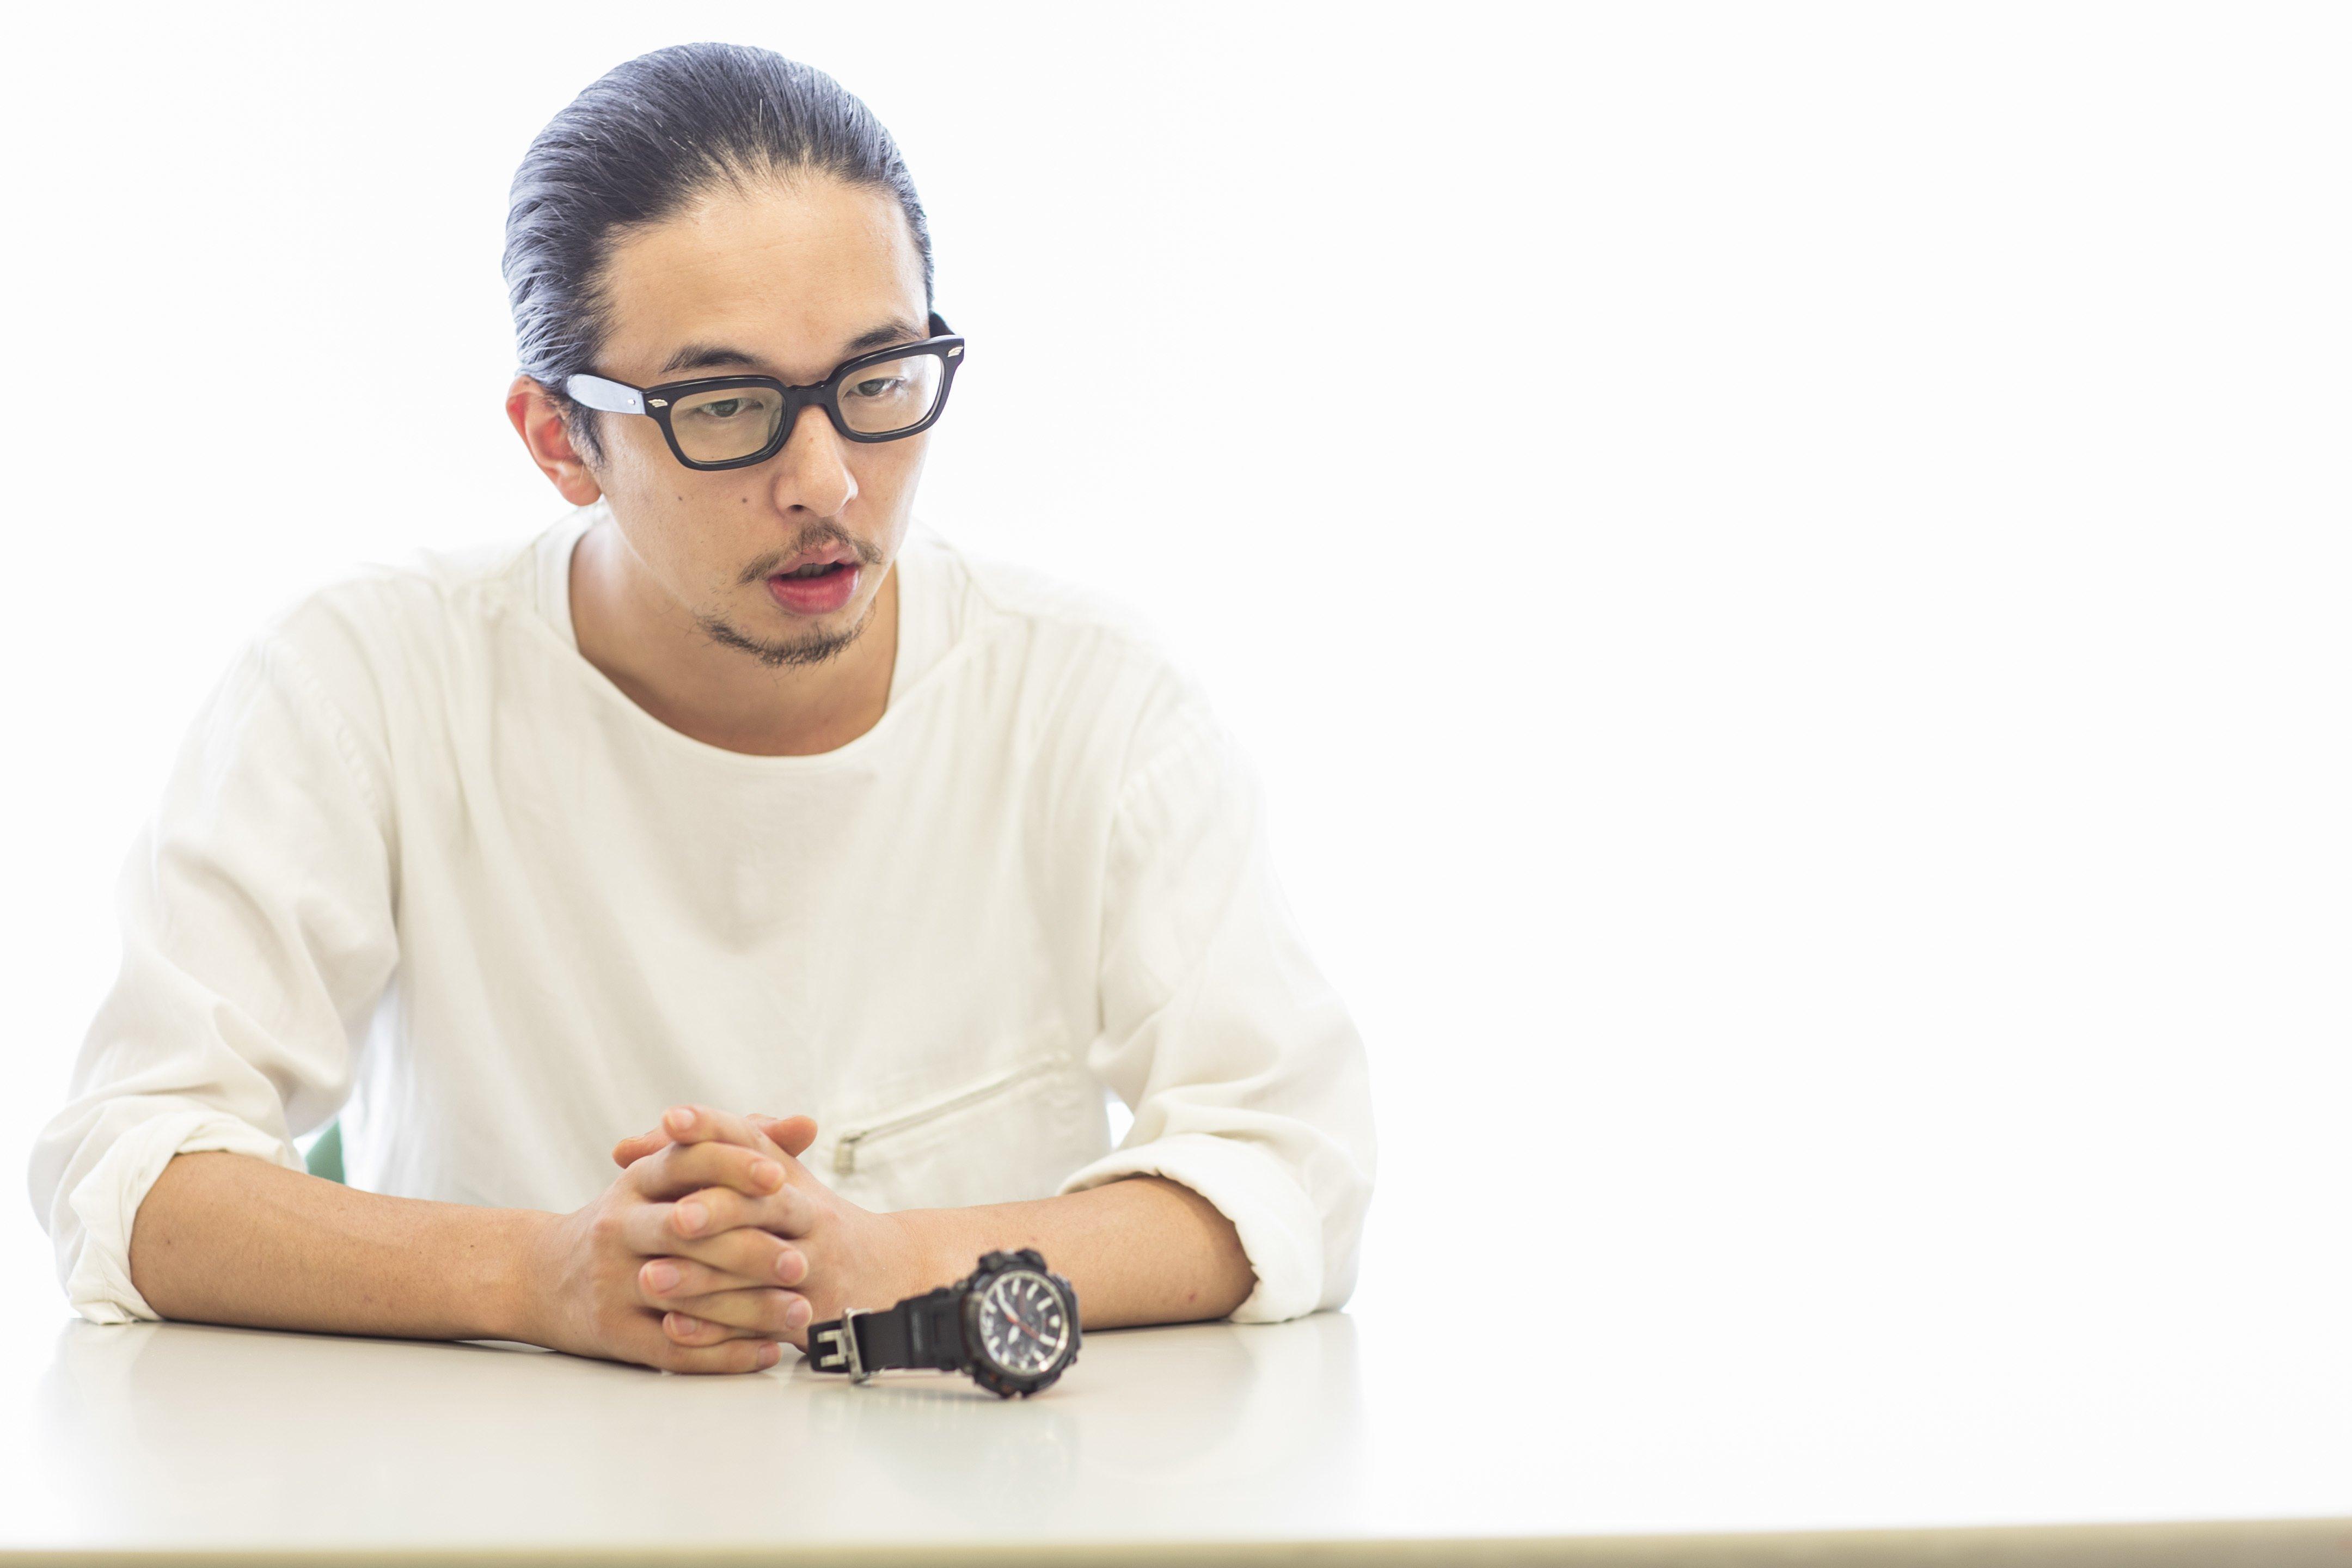 【旅とG,SHOCK】クレイジージャーニー 佐藤健寿が語るG,SHOCKの魅力【PR】